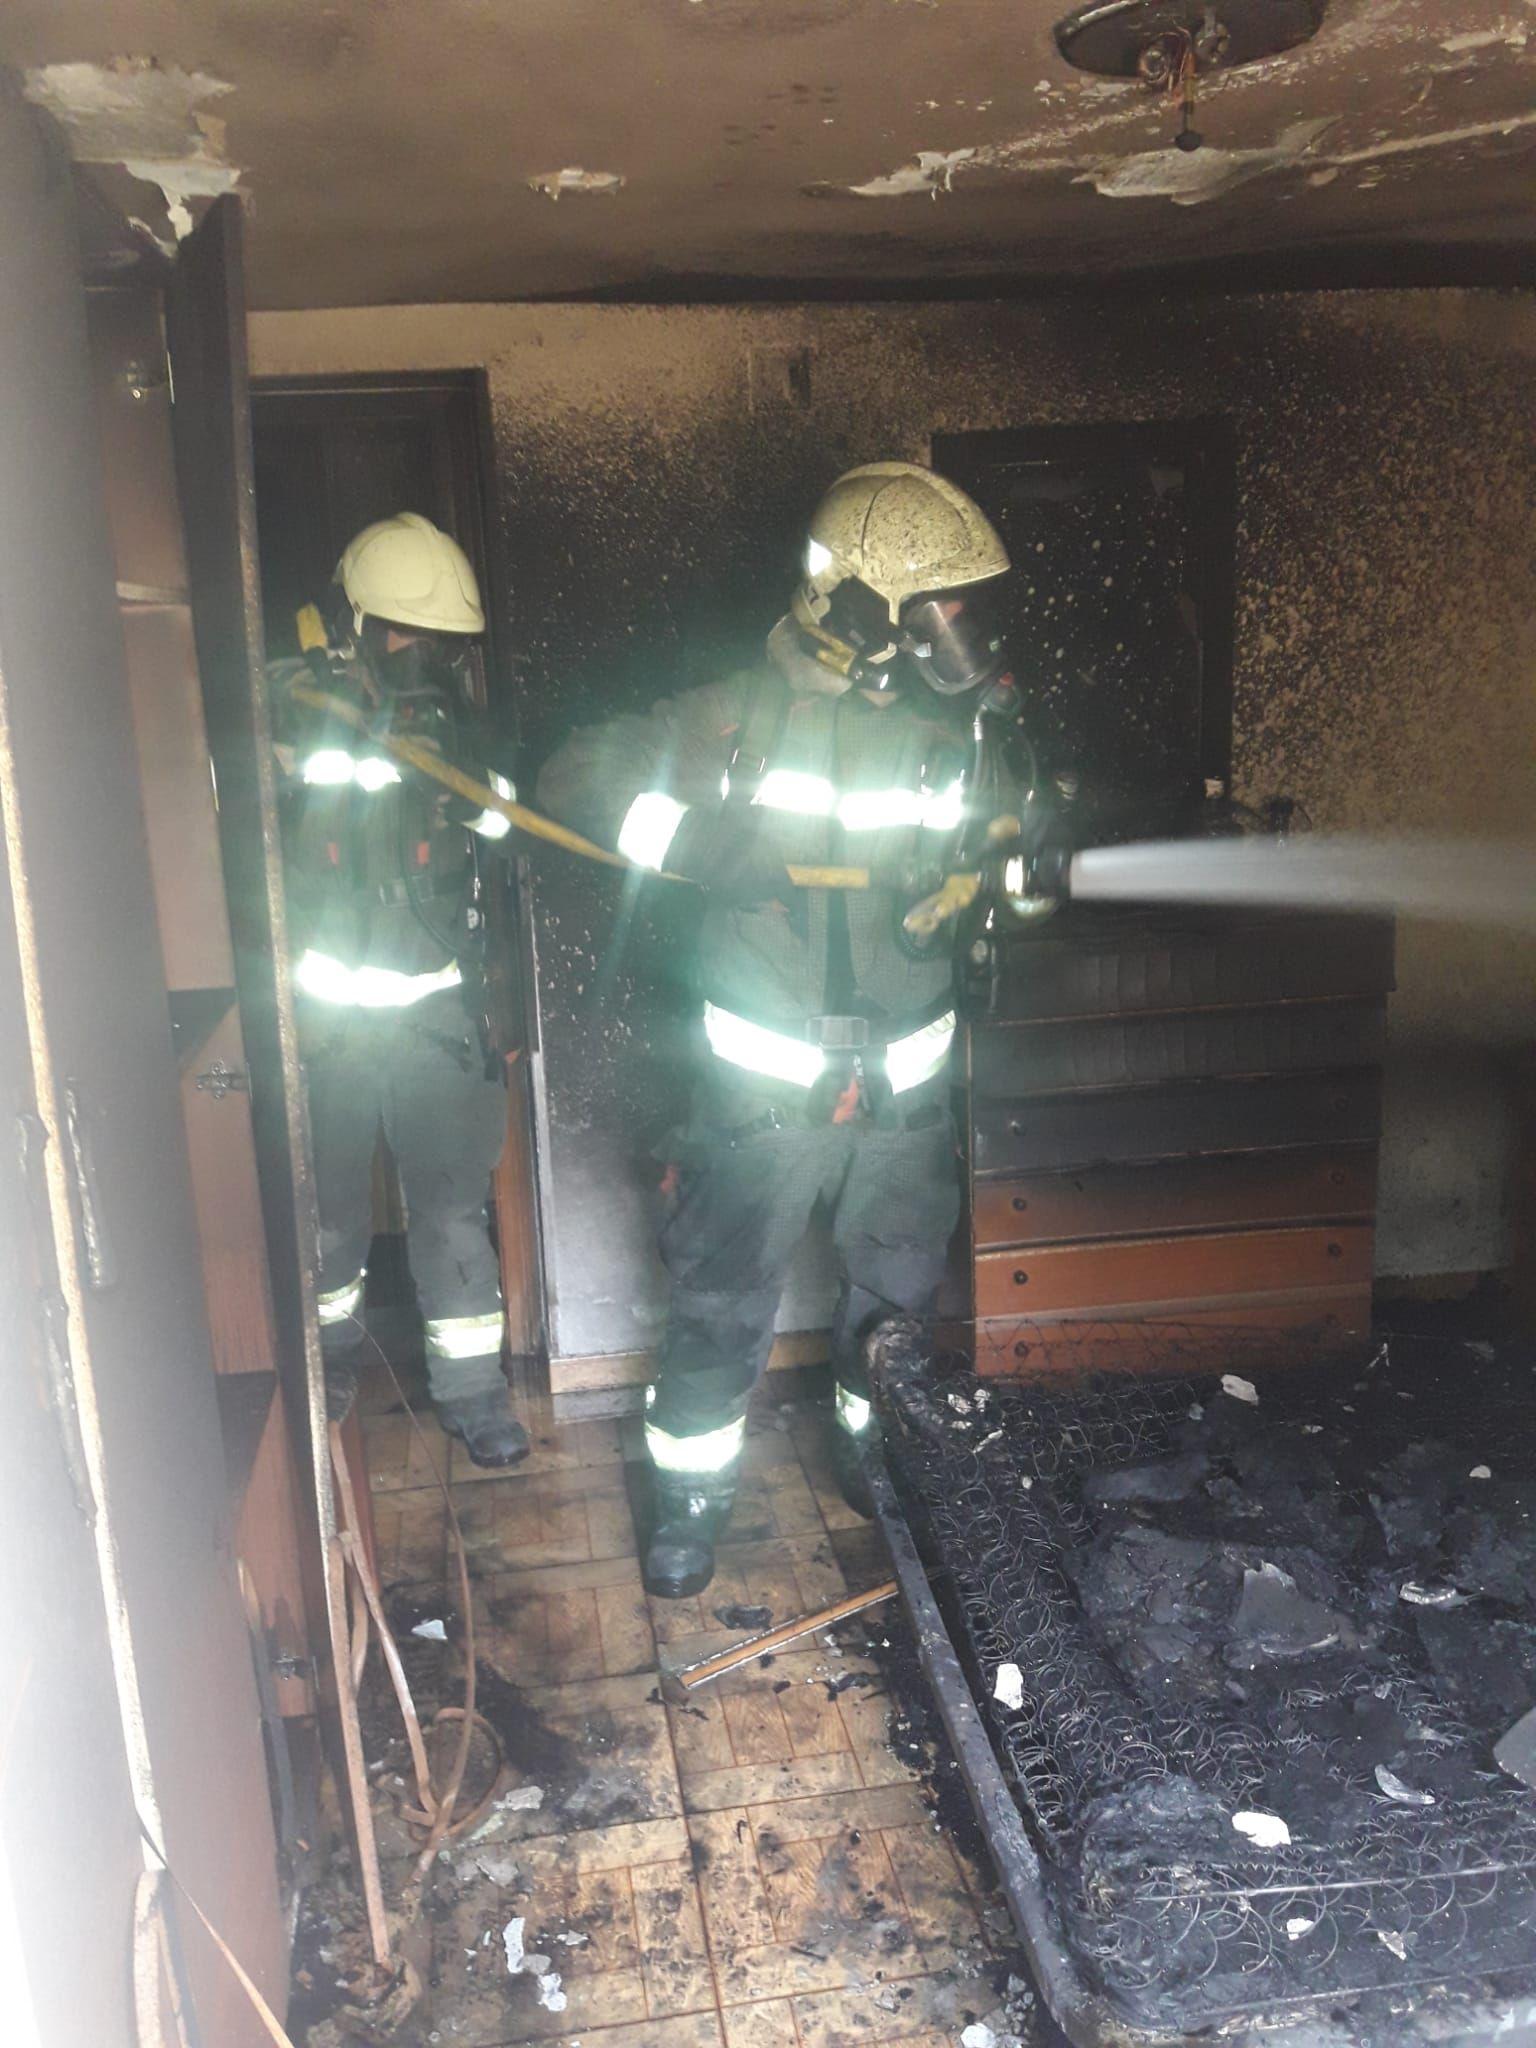 bomberos extinguiendo el incendio